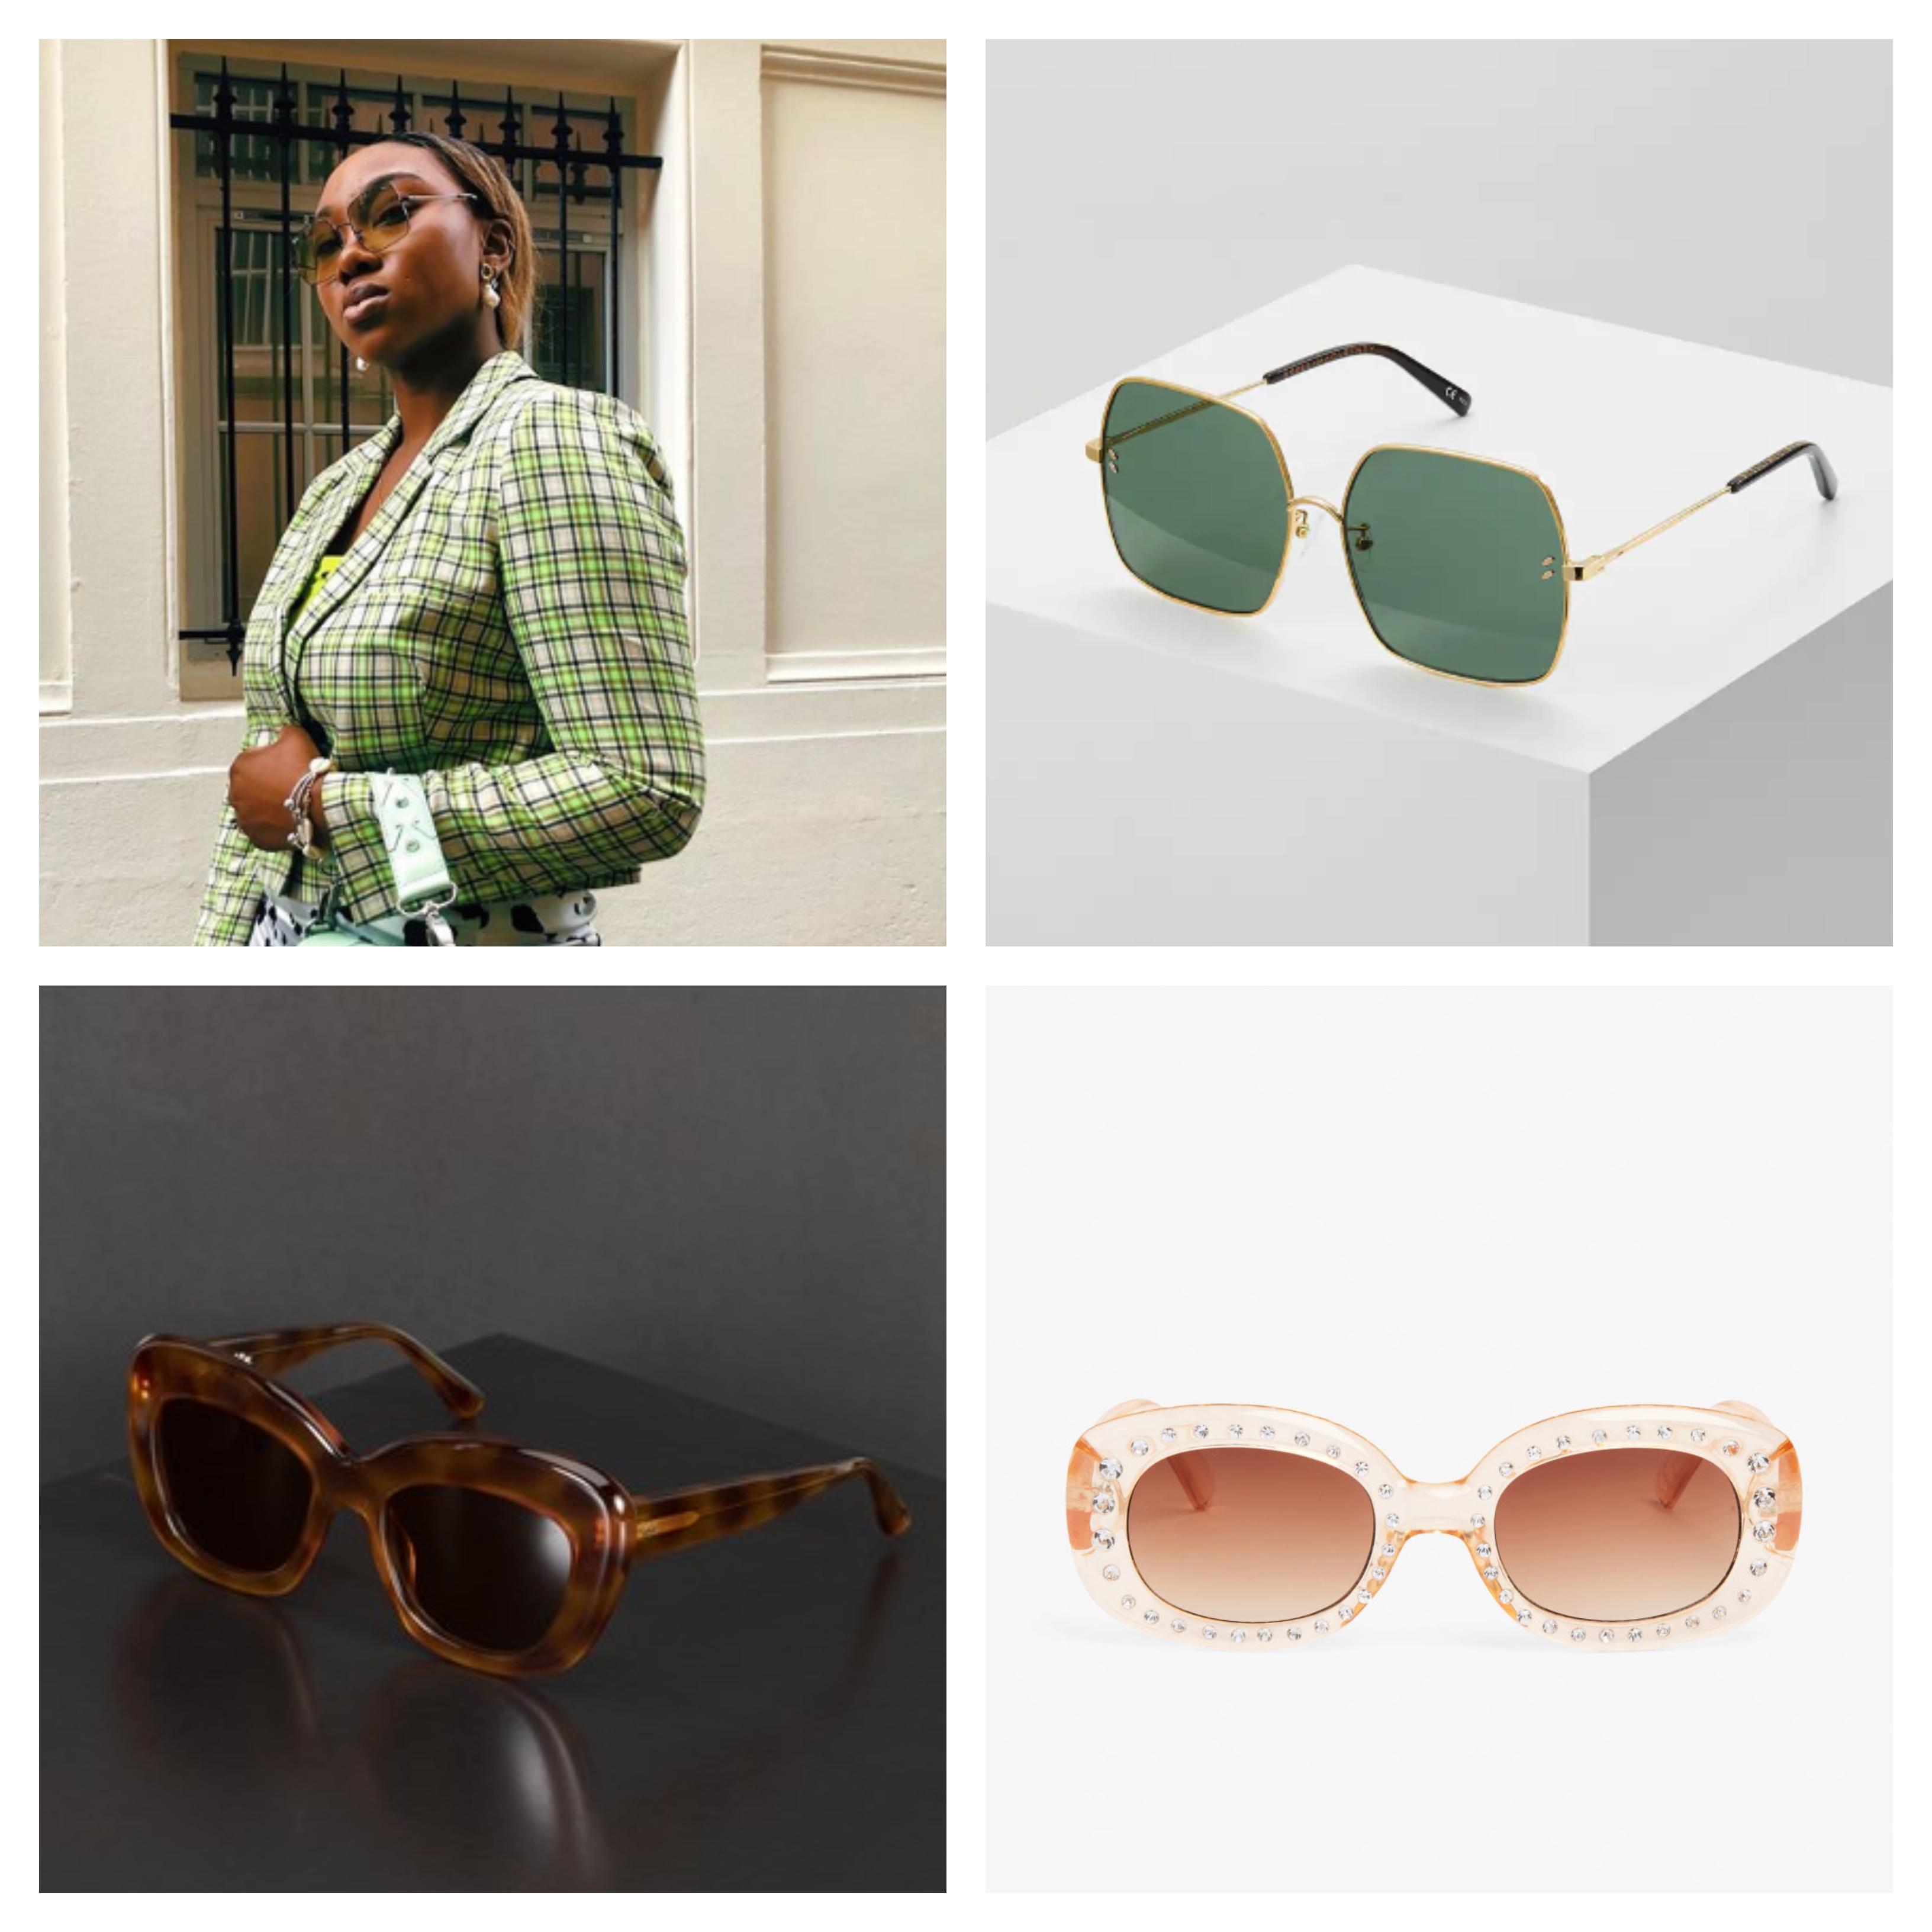 Bilde av noen av de mest trendy solbrillene denne våren